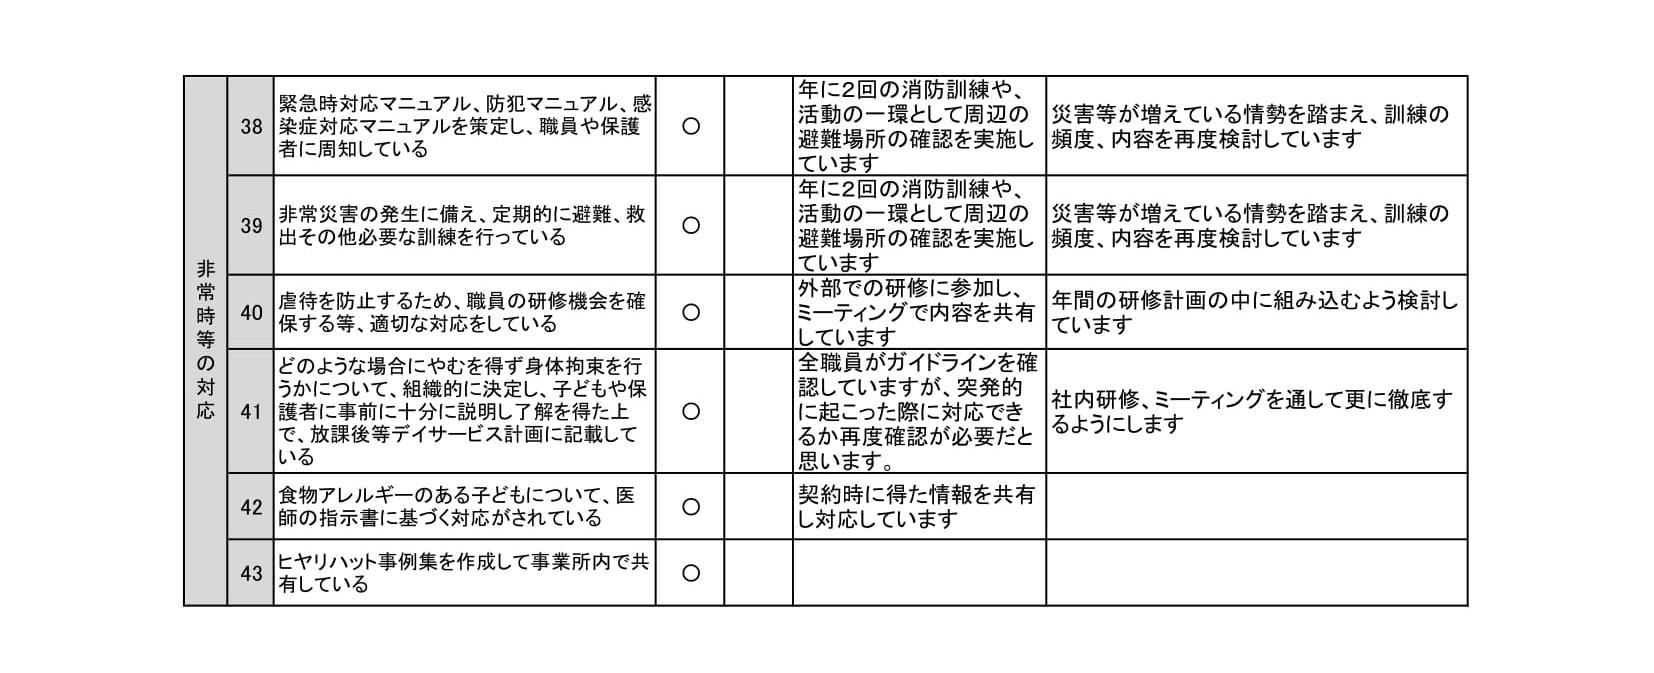 【放課後等デイサービス】事業所における自己評価結果(sorauta.)-3